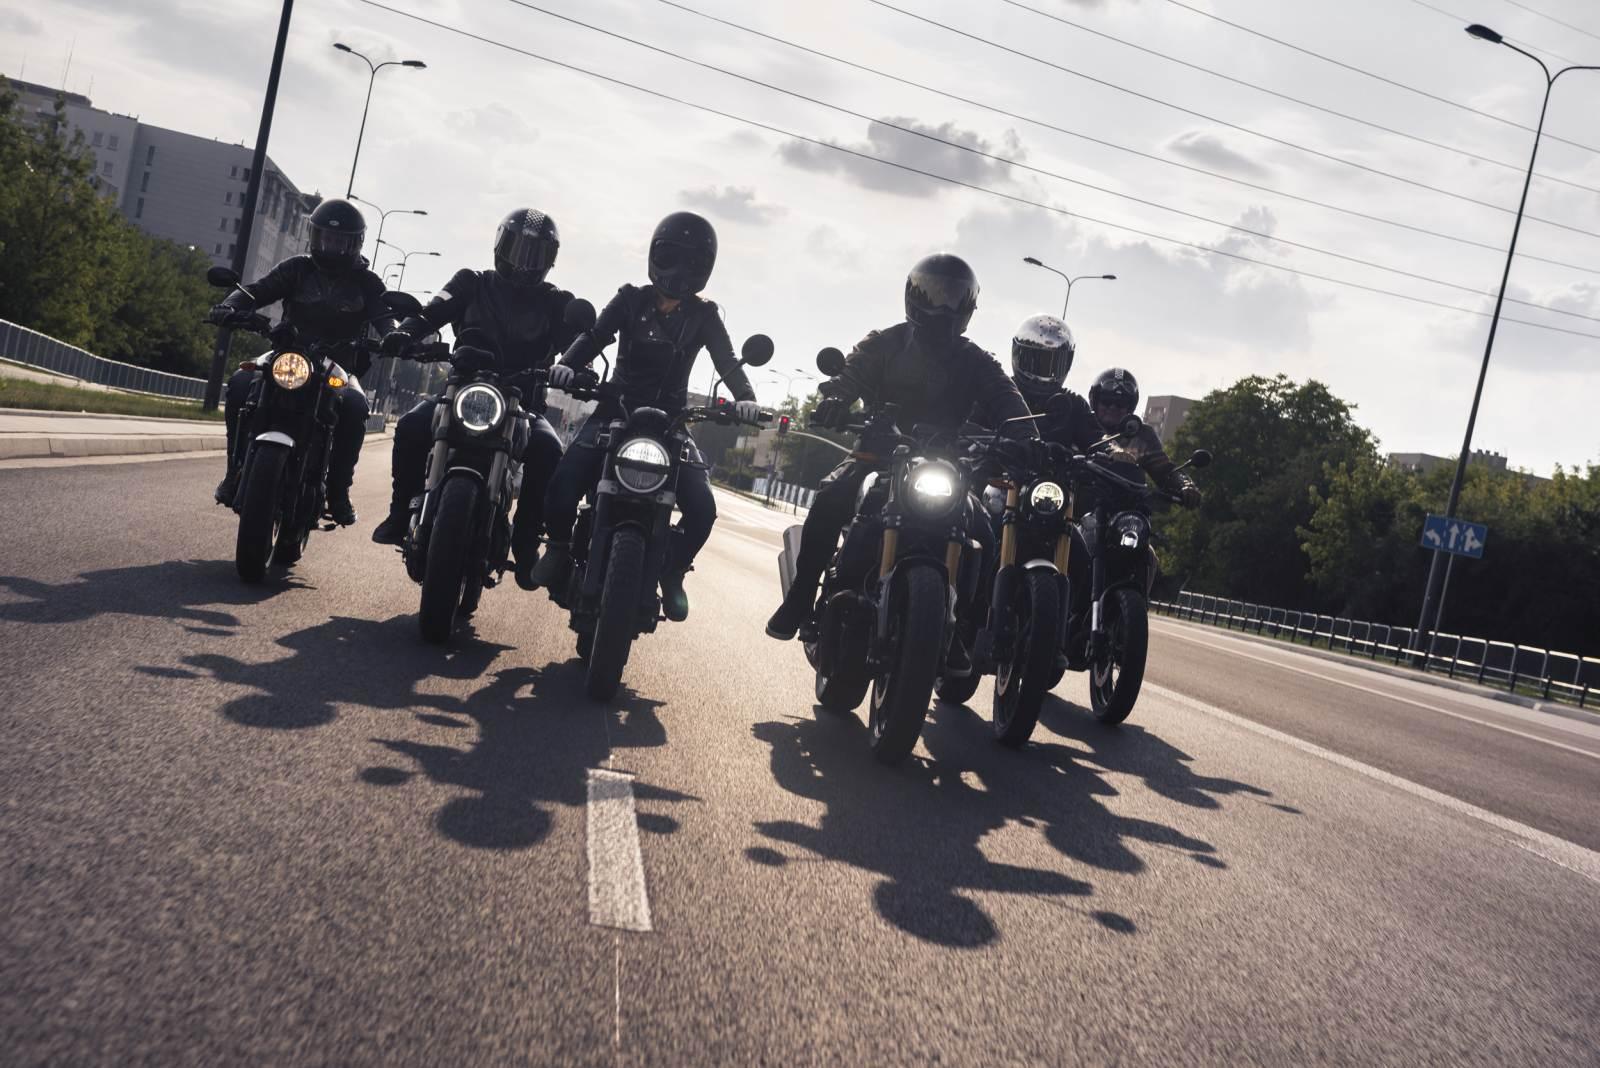 Konfrontacja Benelli Leoncino 502 Trek vs Ducati Scrambler 1100 Special vs Husqvarna Svartpilen 401 vs Indian FTR 1200S vs Triumph Scrambler 1200XC vs Yamaha XSR 700 XTribute